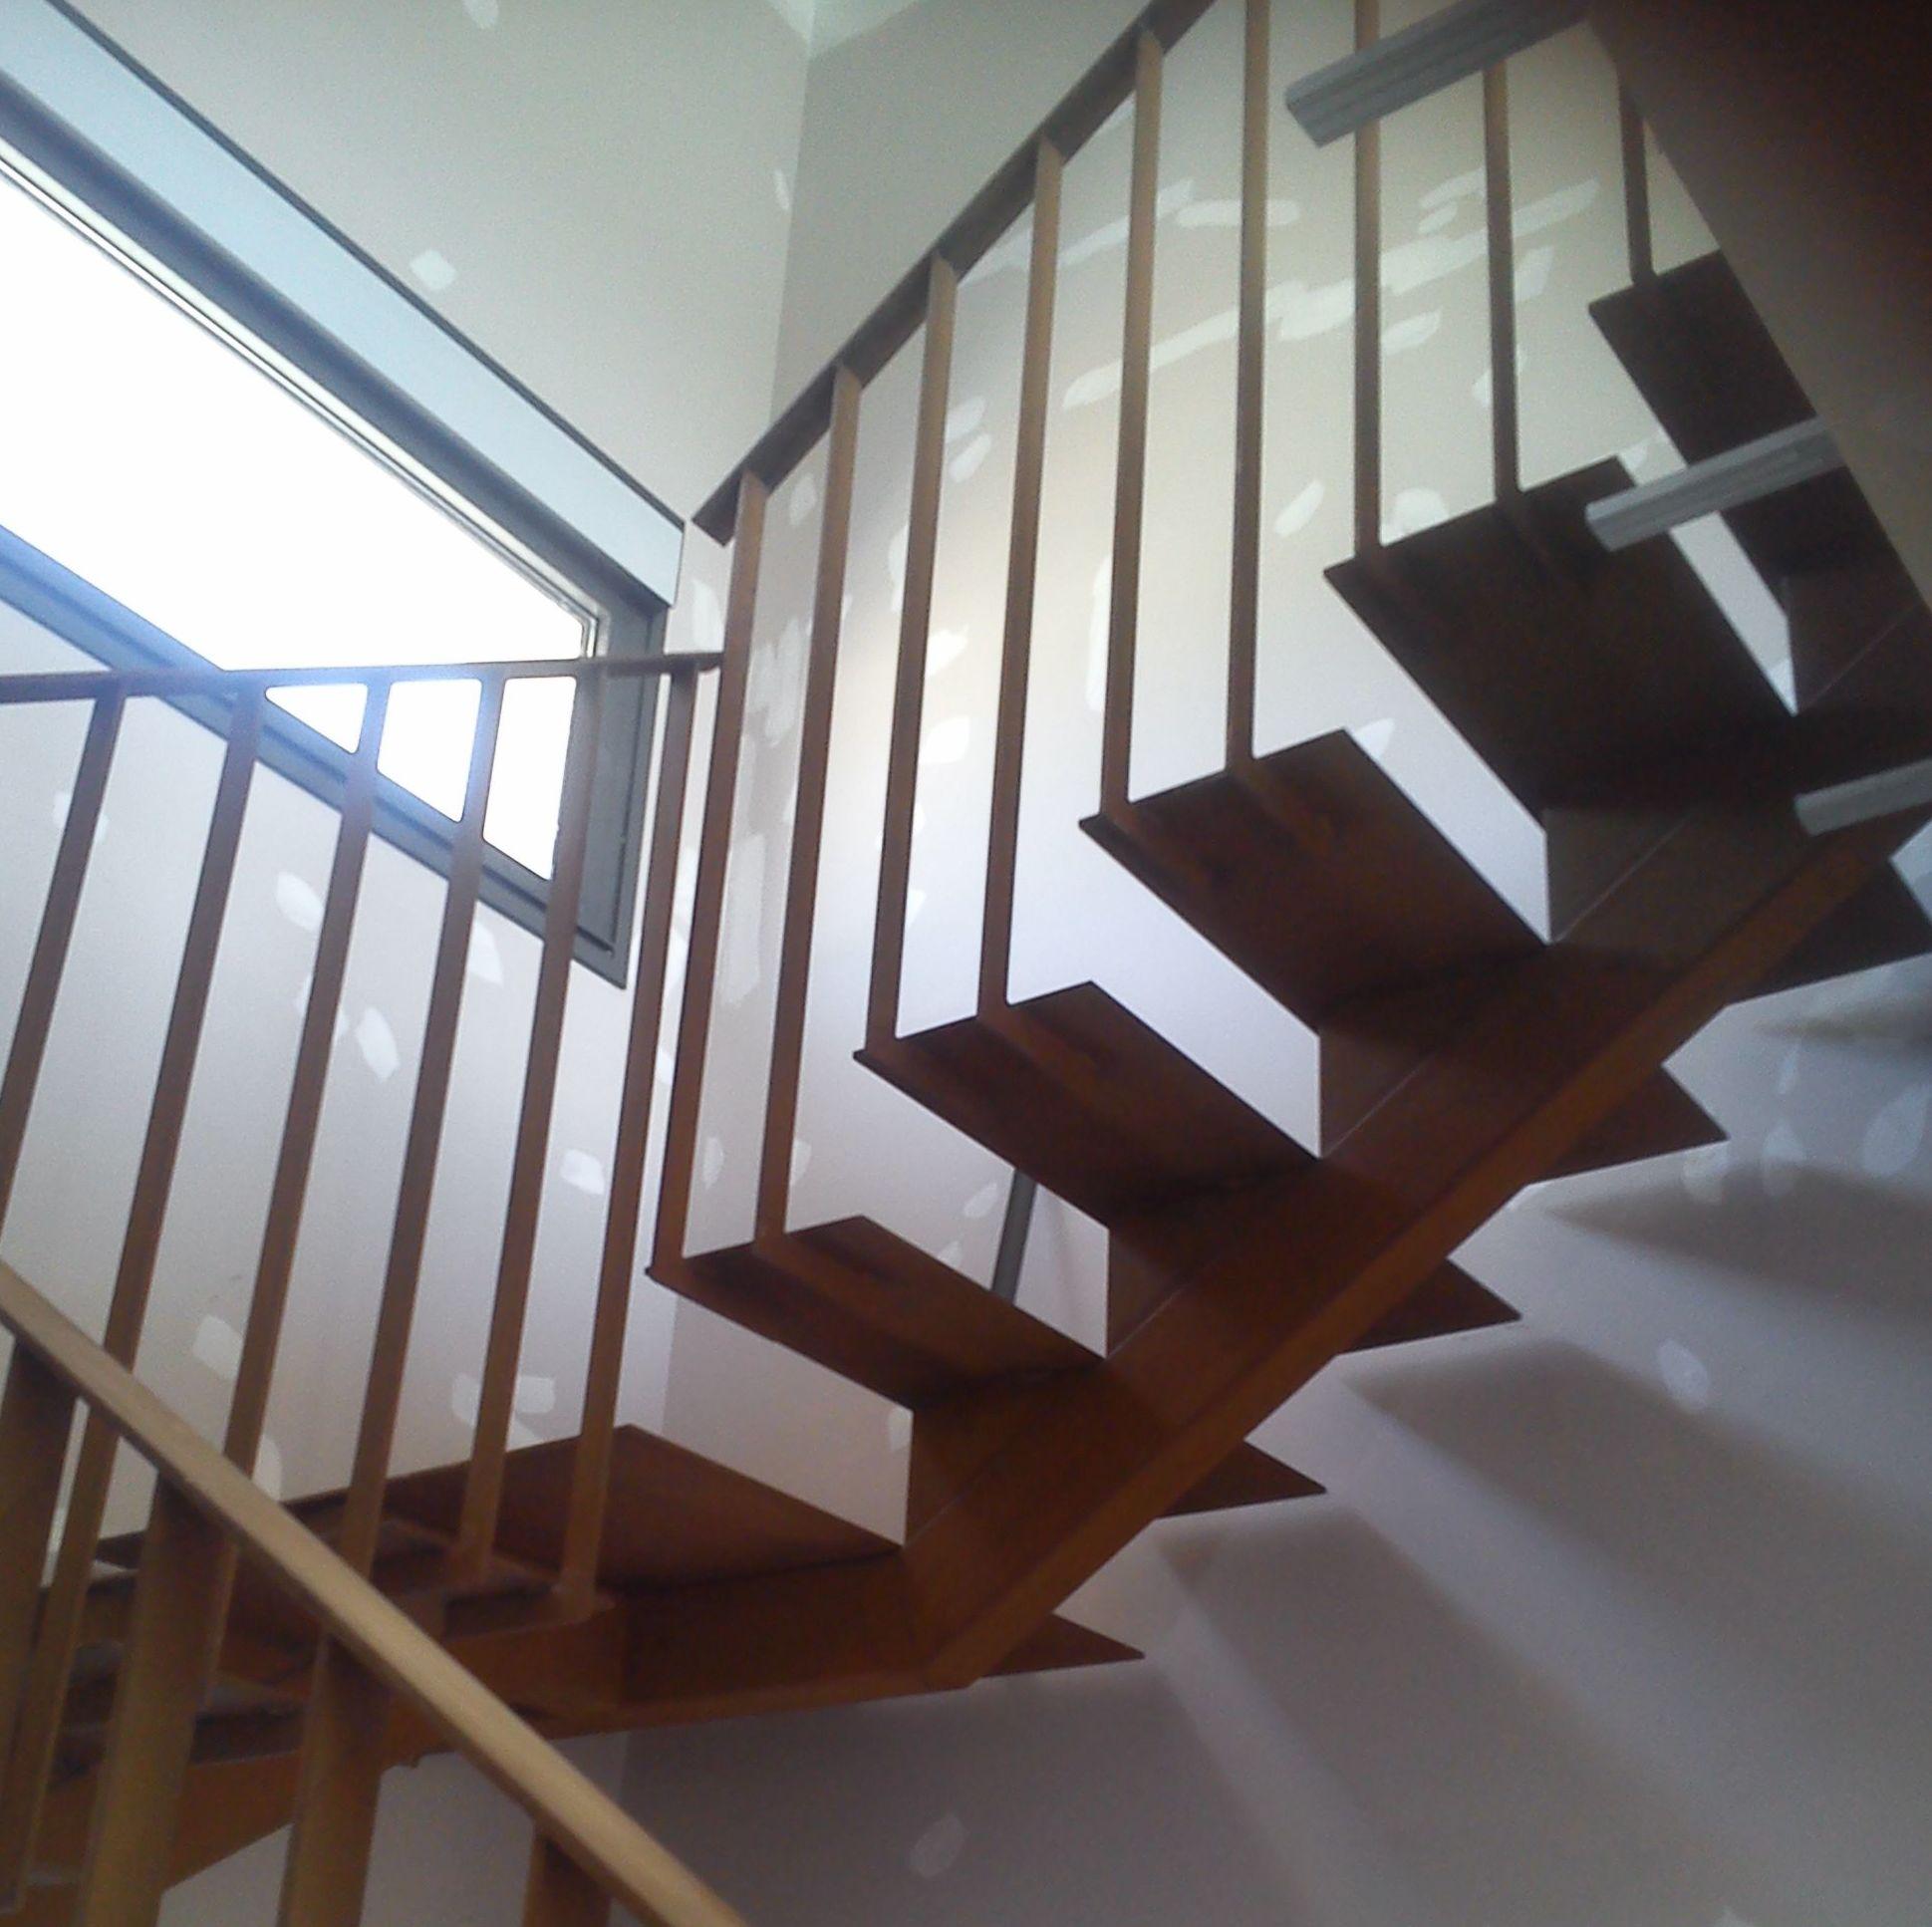 Escalera y barandilla metálica